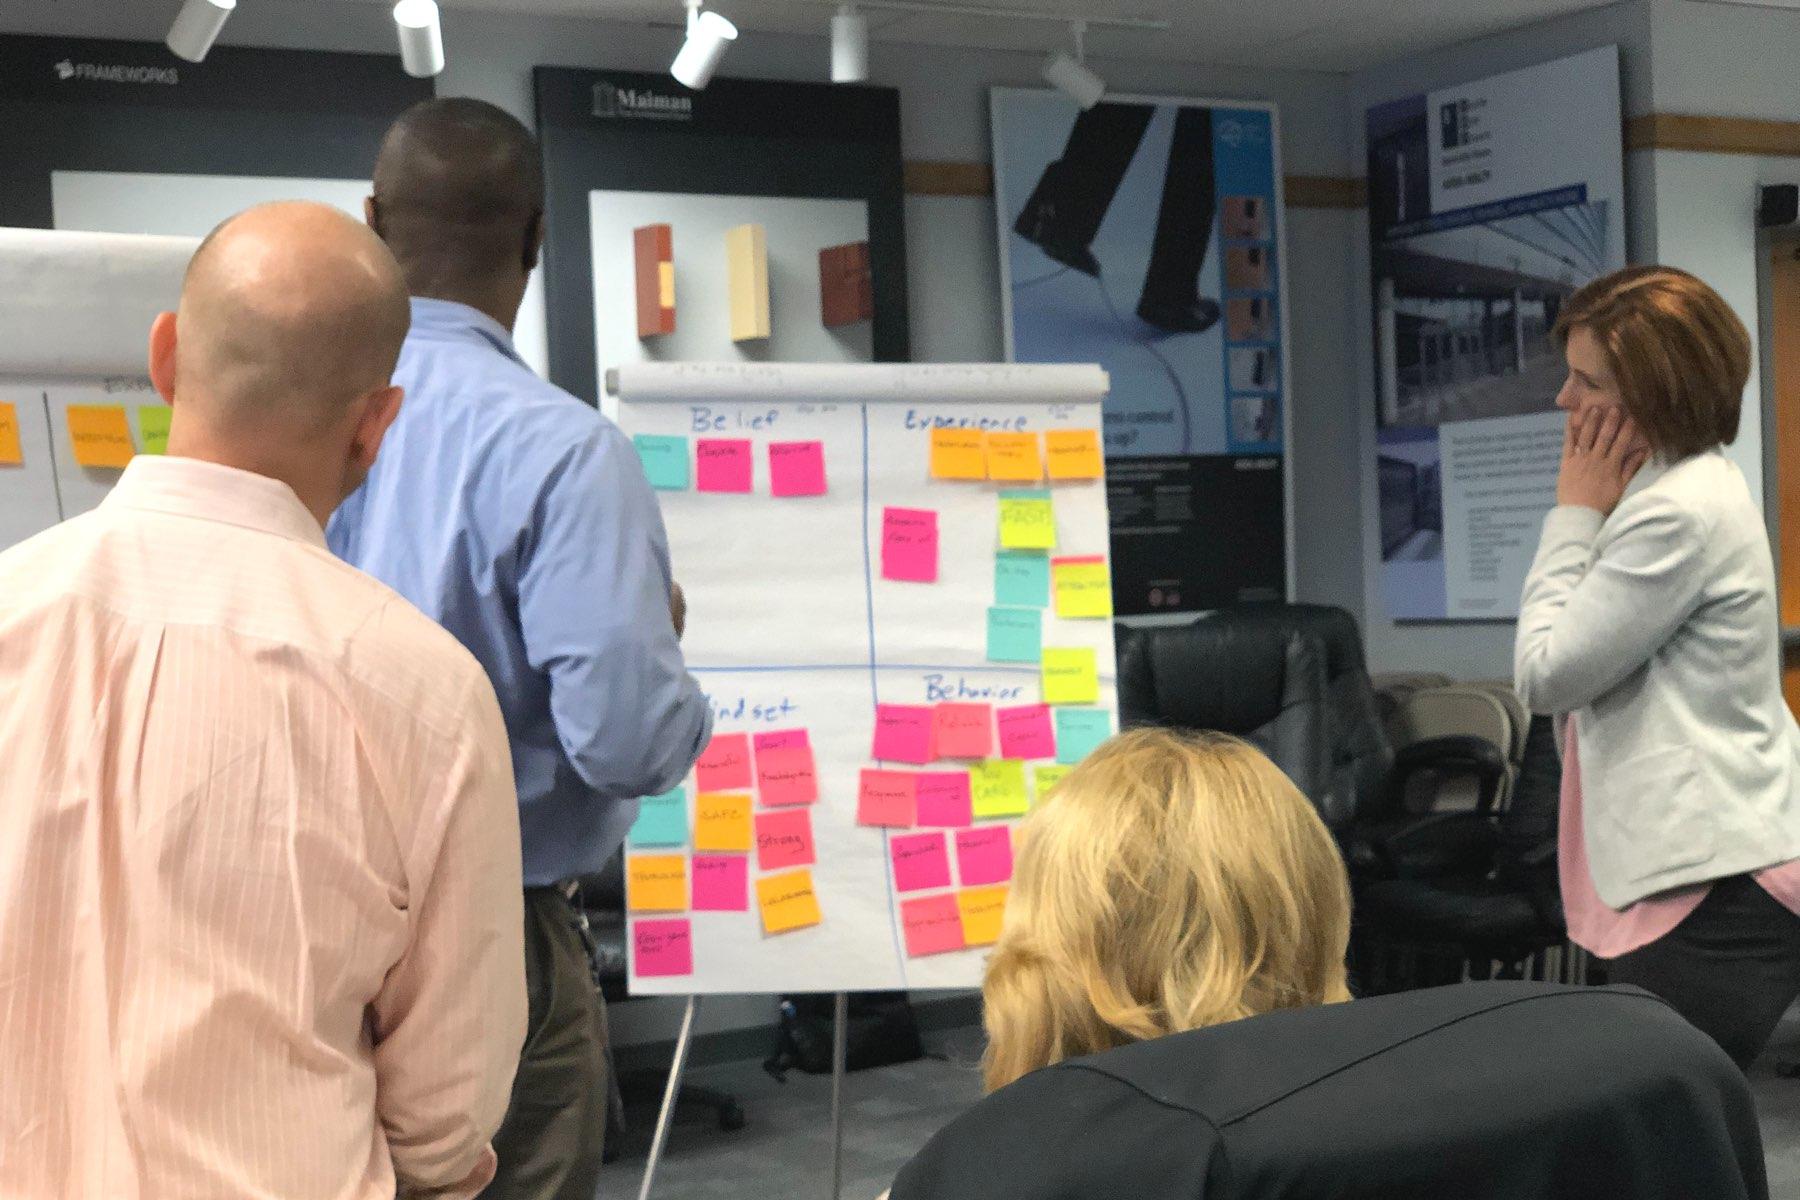 Our Brand Value Design Workshop